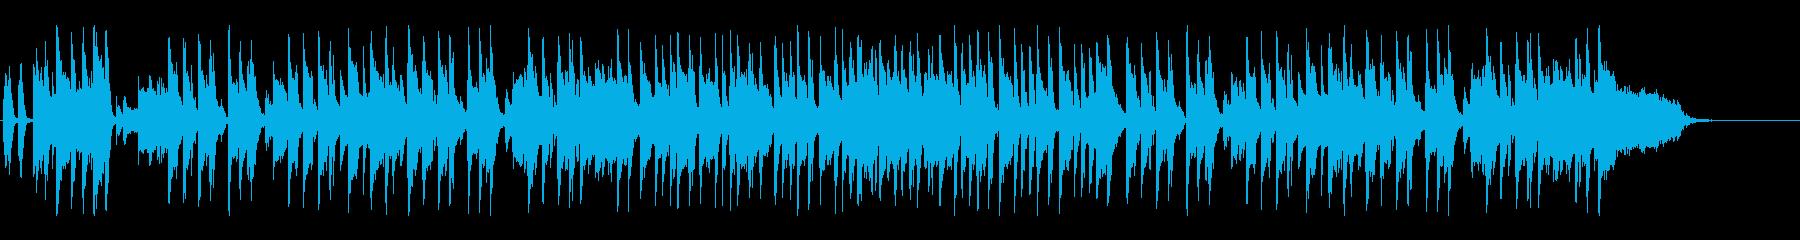 情報バラエティー向けギターインスト曲の再生済みの波形